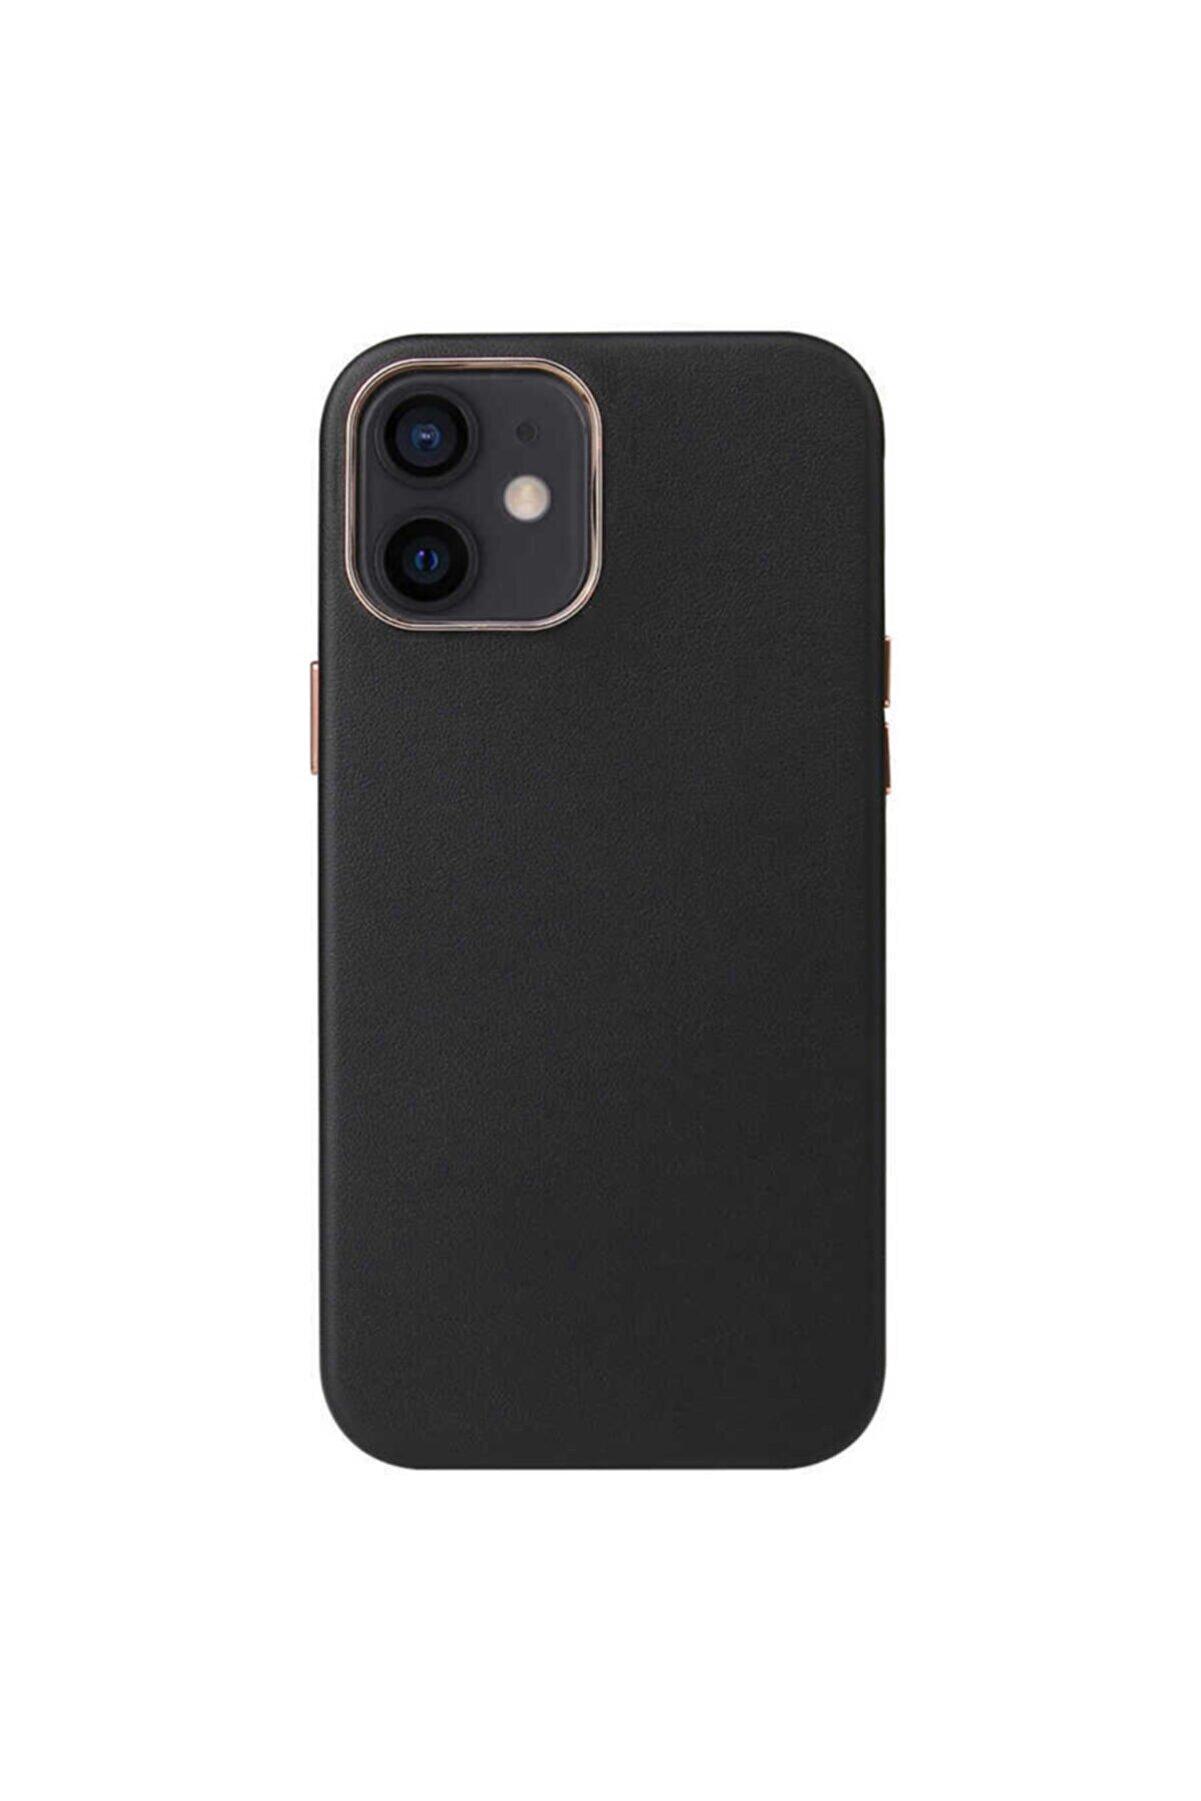 Apple Iphone 12 Magsafe Wireless Sarj Uyumlu Kılıf Leather Deri Kaplama Kadife